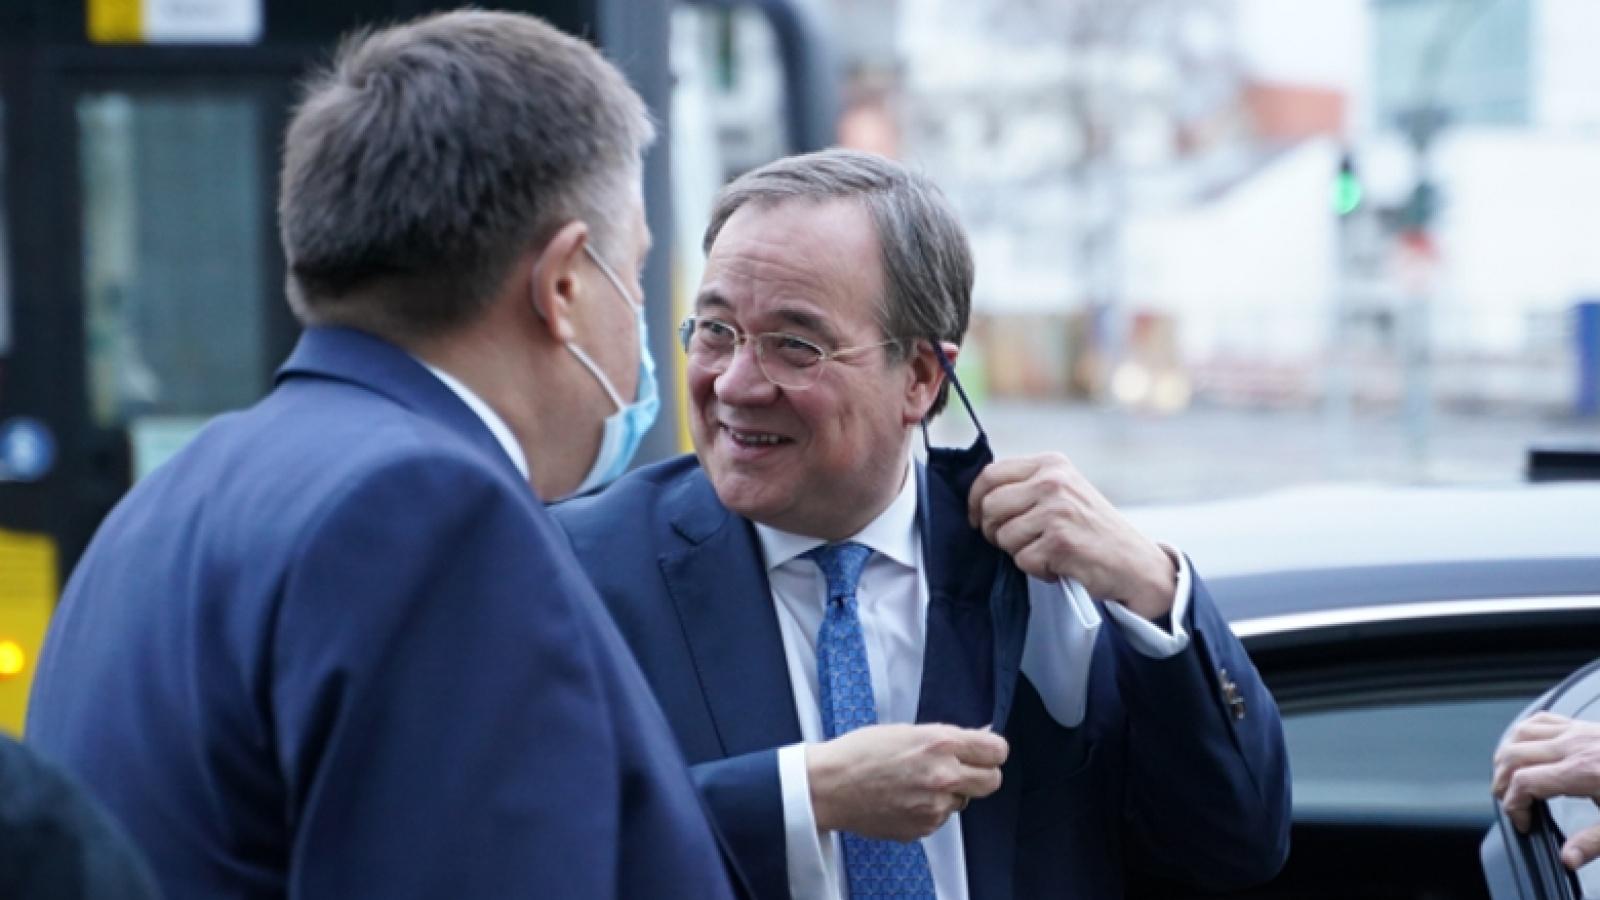 Der CDU-Vorsitzende Armin Laschet wird bei seiner Ankunft vom Leiter des Bereichs Organisation, Ulf Leisner, begrüßt